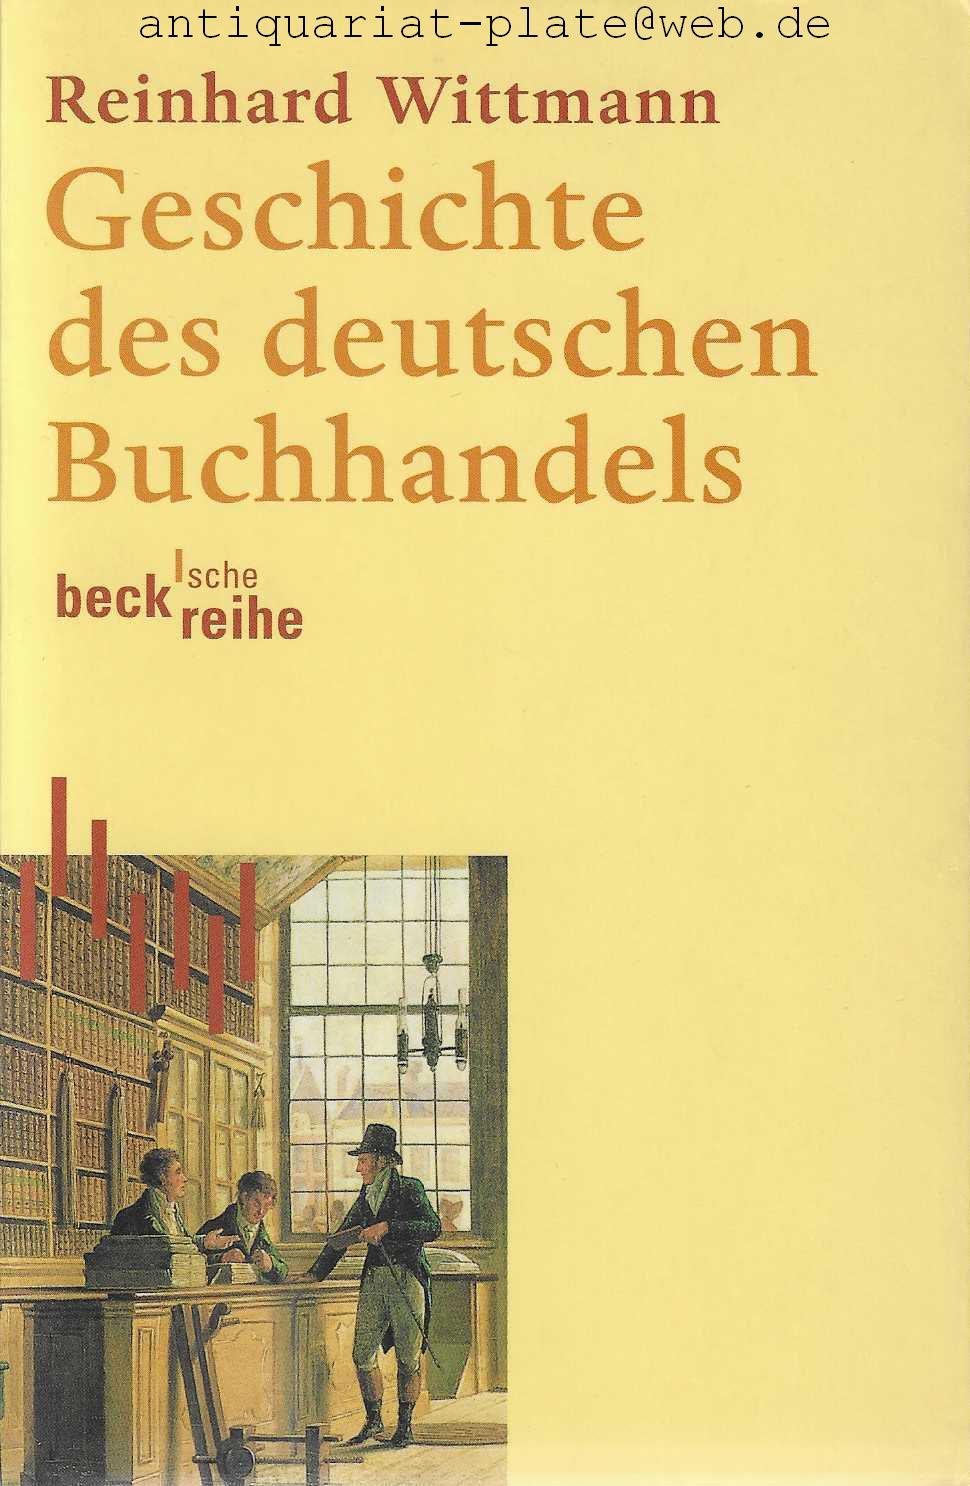 Geschichte des deutschen Buchhandels. Becksche Reihe.: Wittmann, Reinhard: